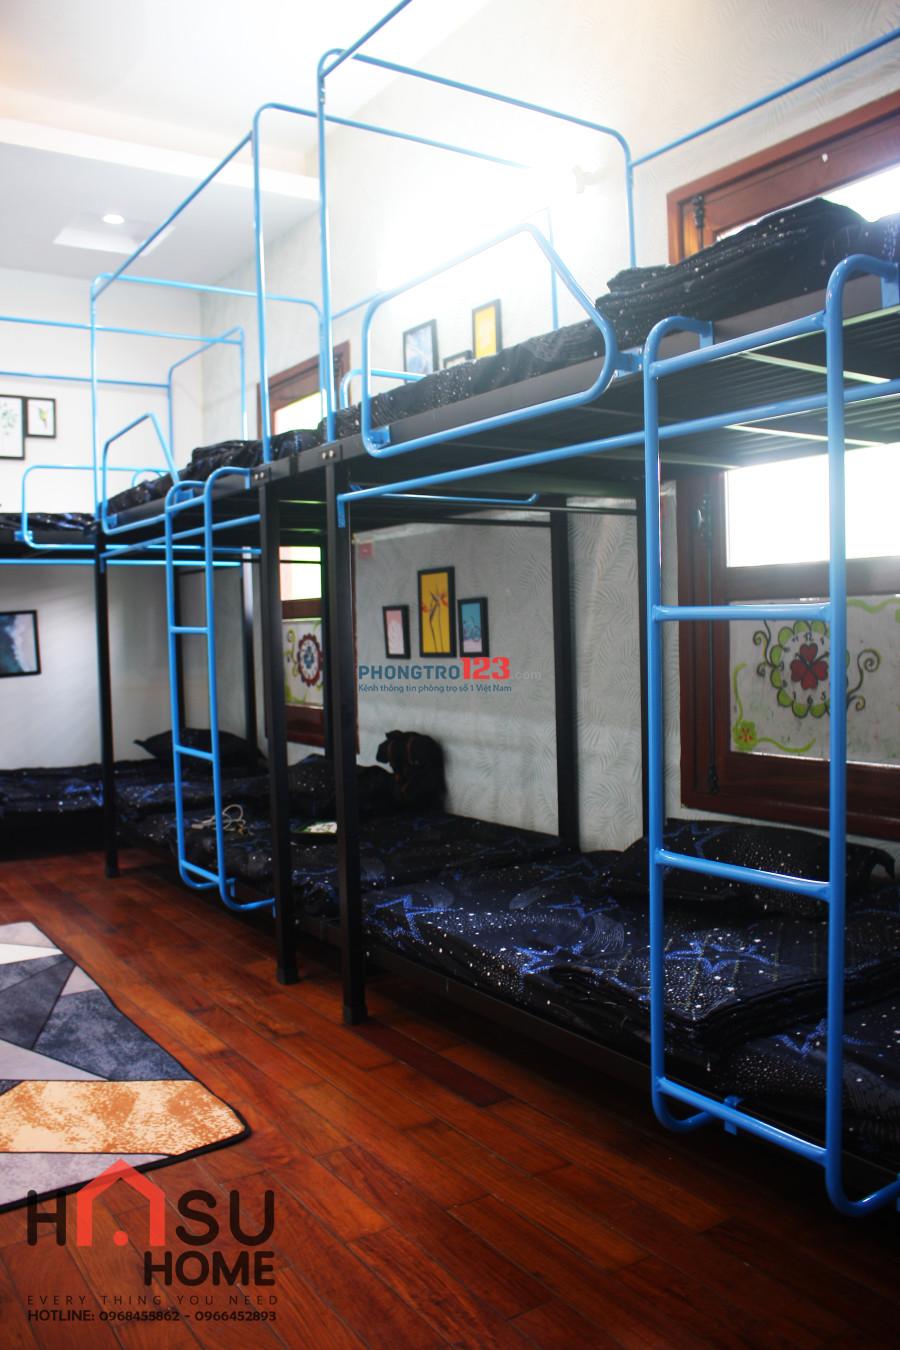 Nhà trọ Hasu Homestay Hoàng Mai:khép kín,7 điều hoà,2 máy giặt,tủ lạnh,4 camera+vân tay,Máy lọc nước,view hồ,trọn gói